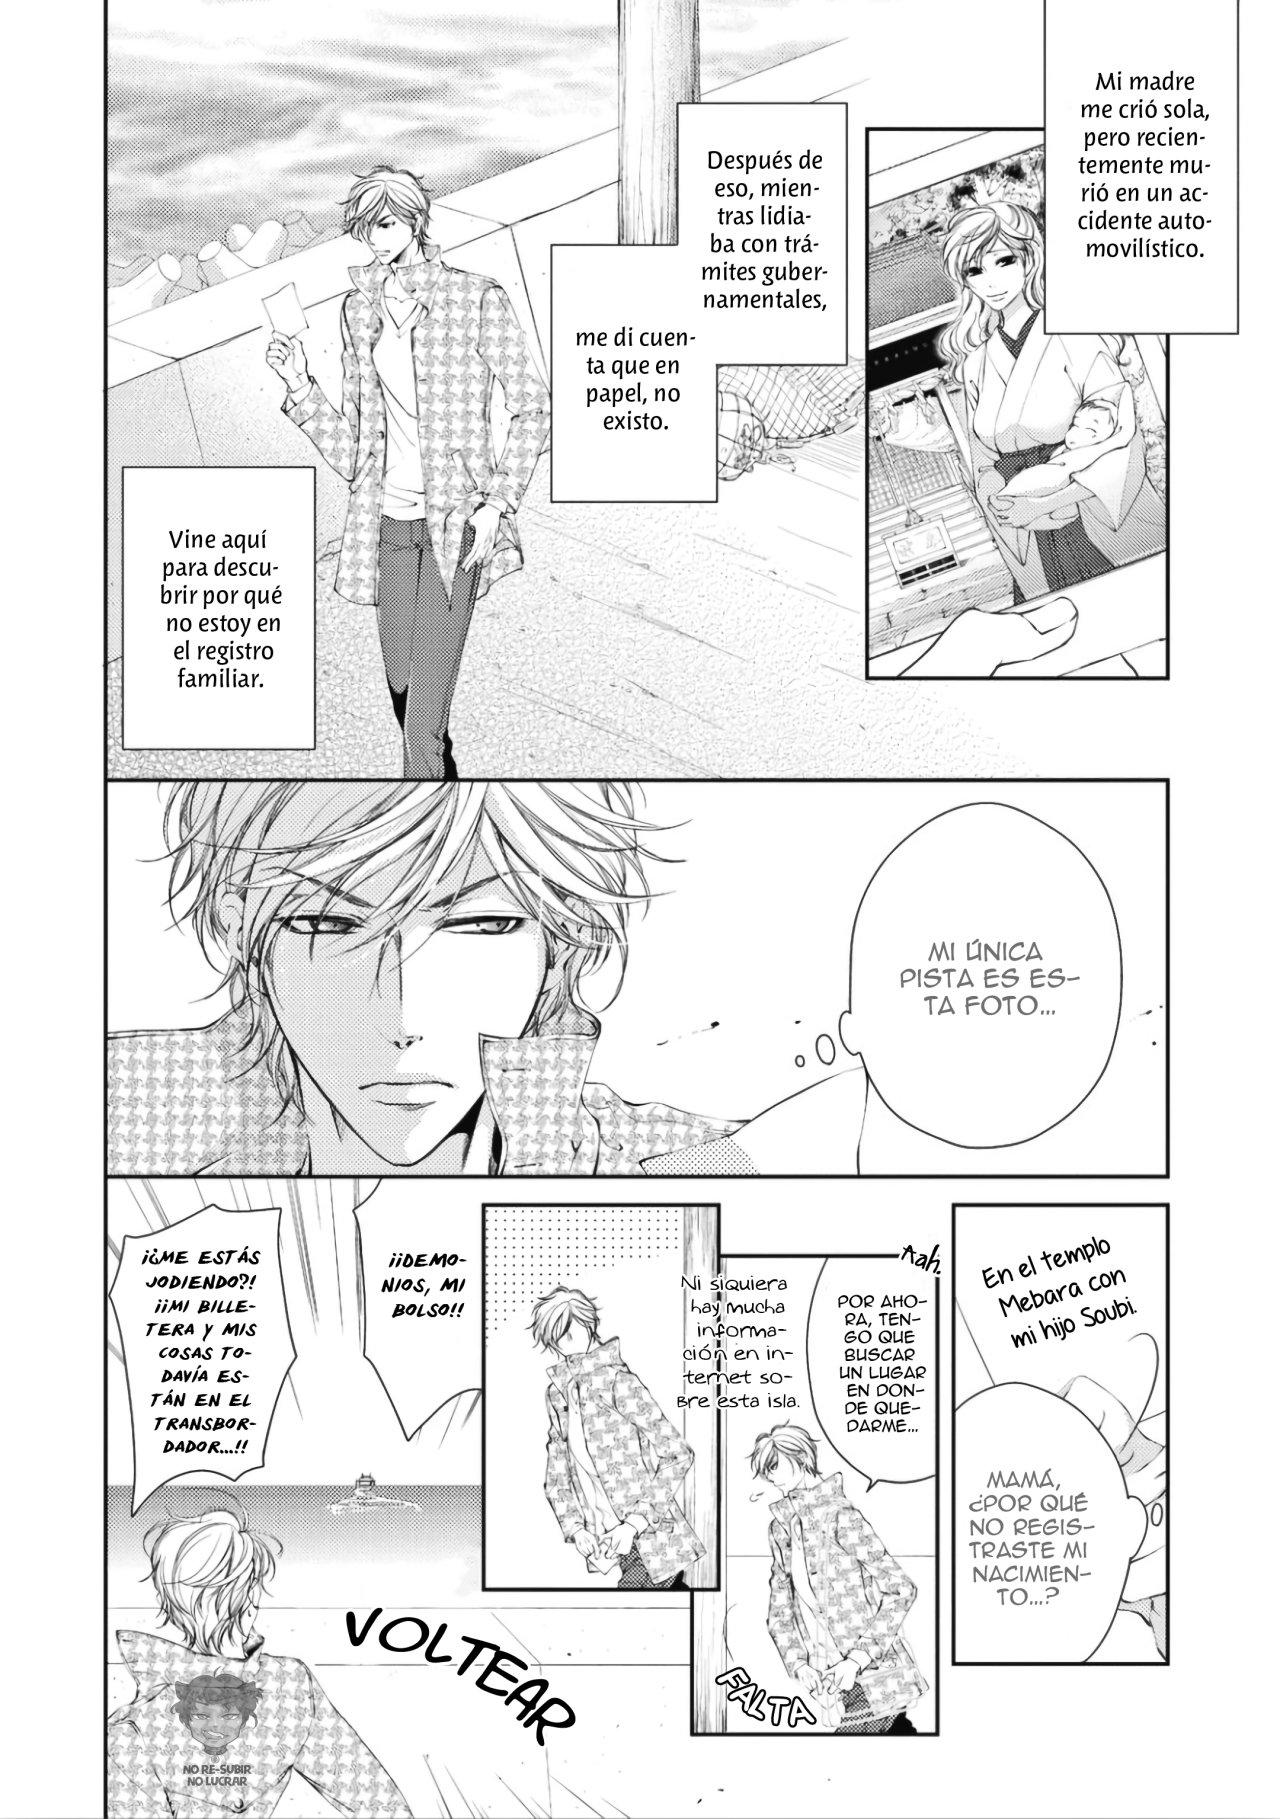 https://nine.mangadogs.com/es_manga/pic8/51/36659/946321/59b85c256f758c22eae6fa45913205db.jpg Page 10